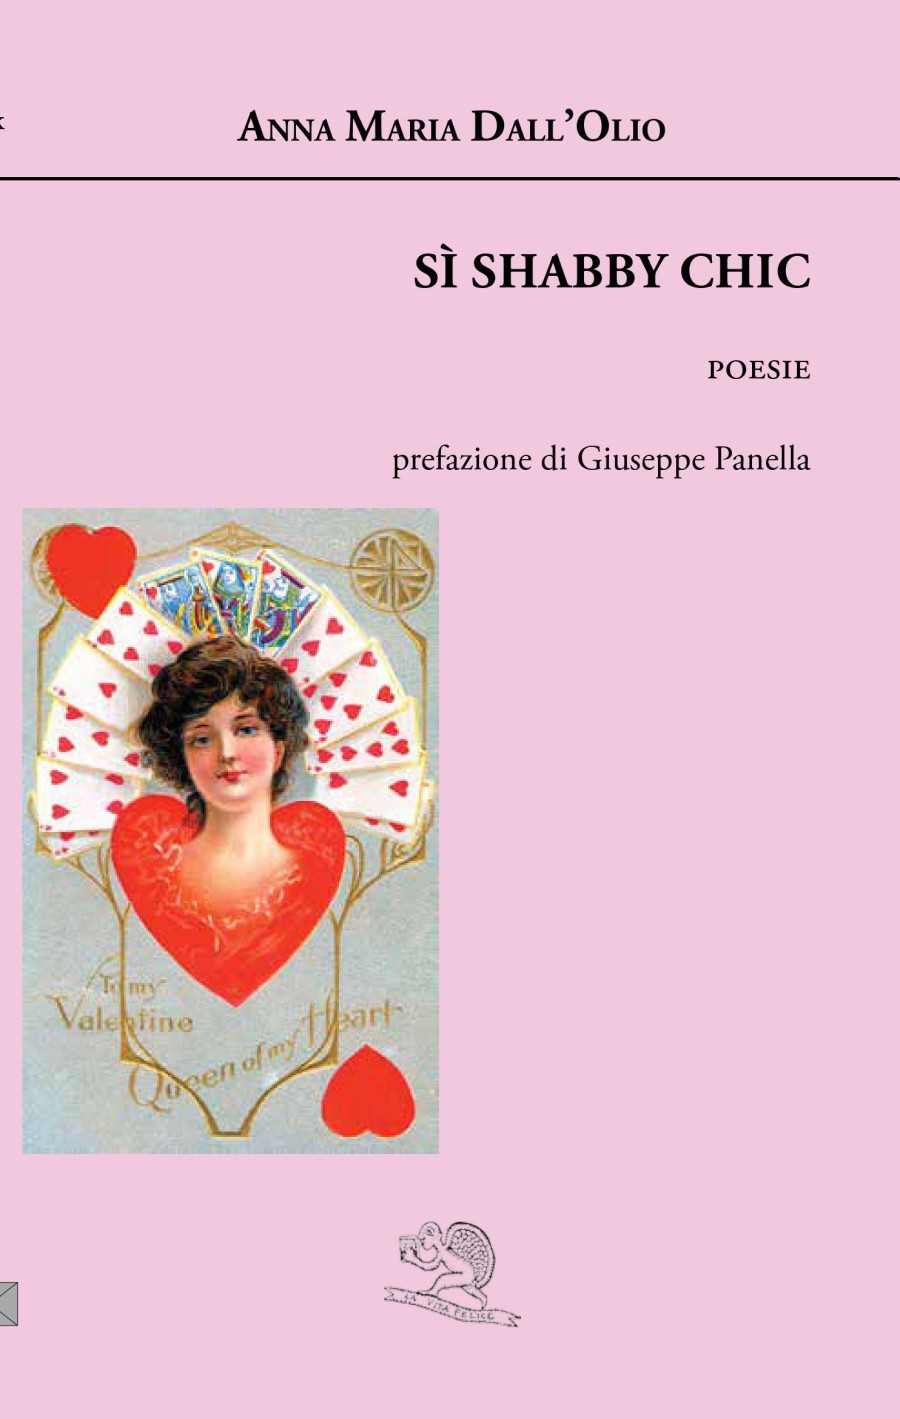 Sì Shabby chic di Anna Maria Dall'Olio